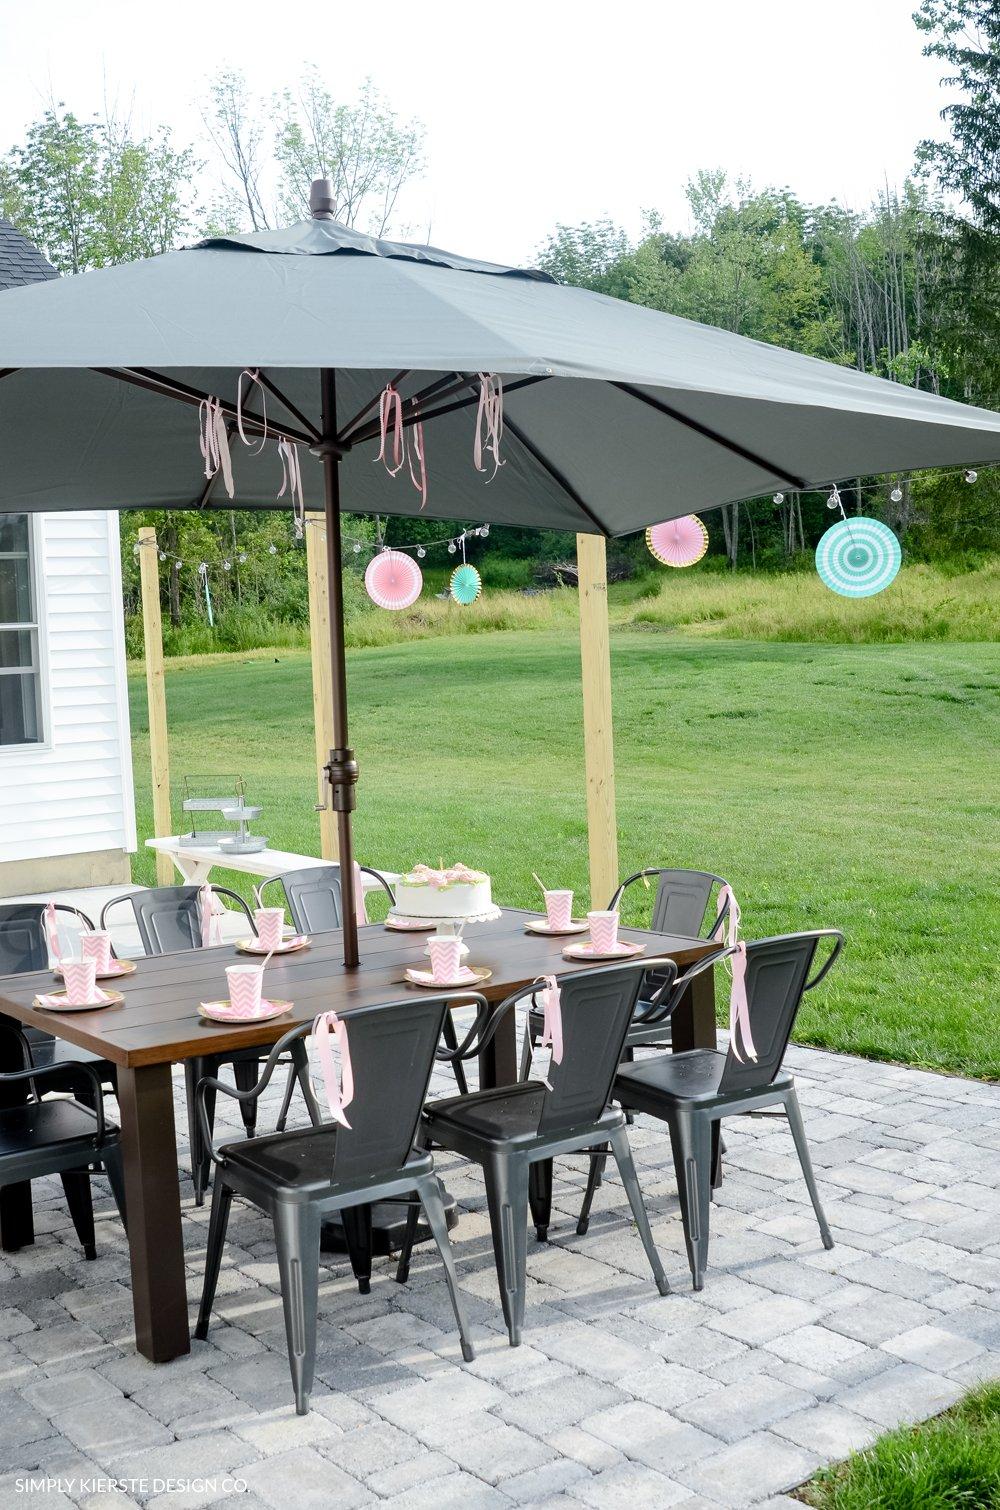 Outdoor Tween Girl Party for under $100 | oldsaltfarm.com